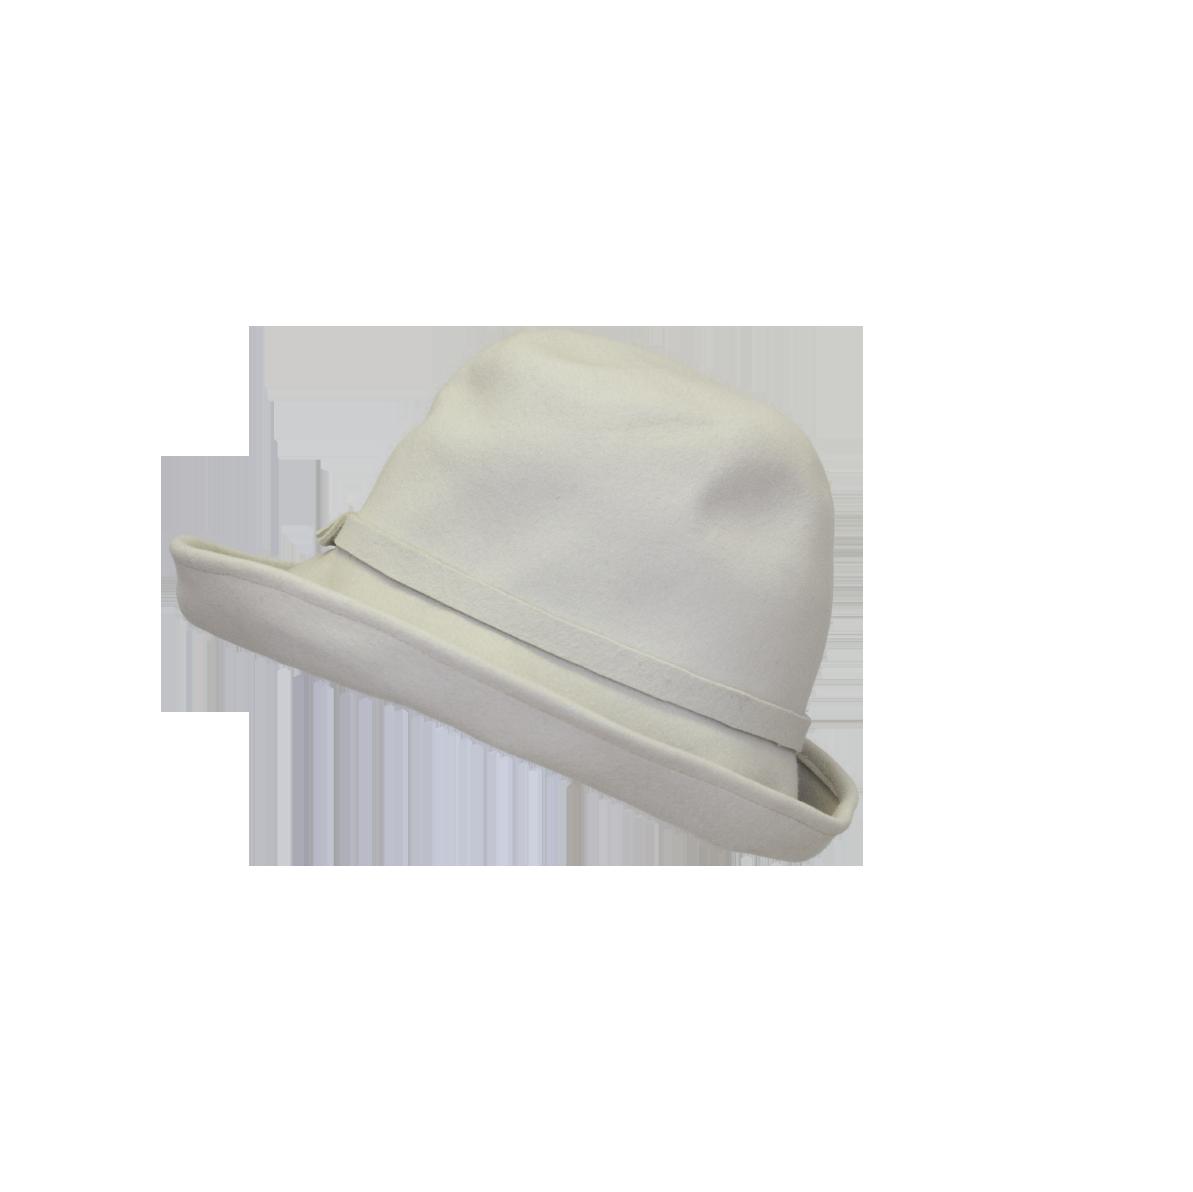 Mod-tyylinen hattu